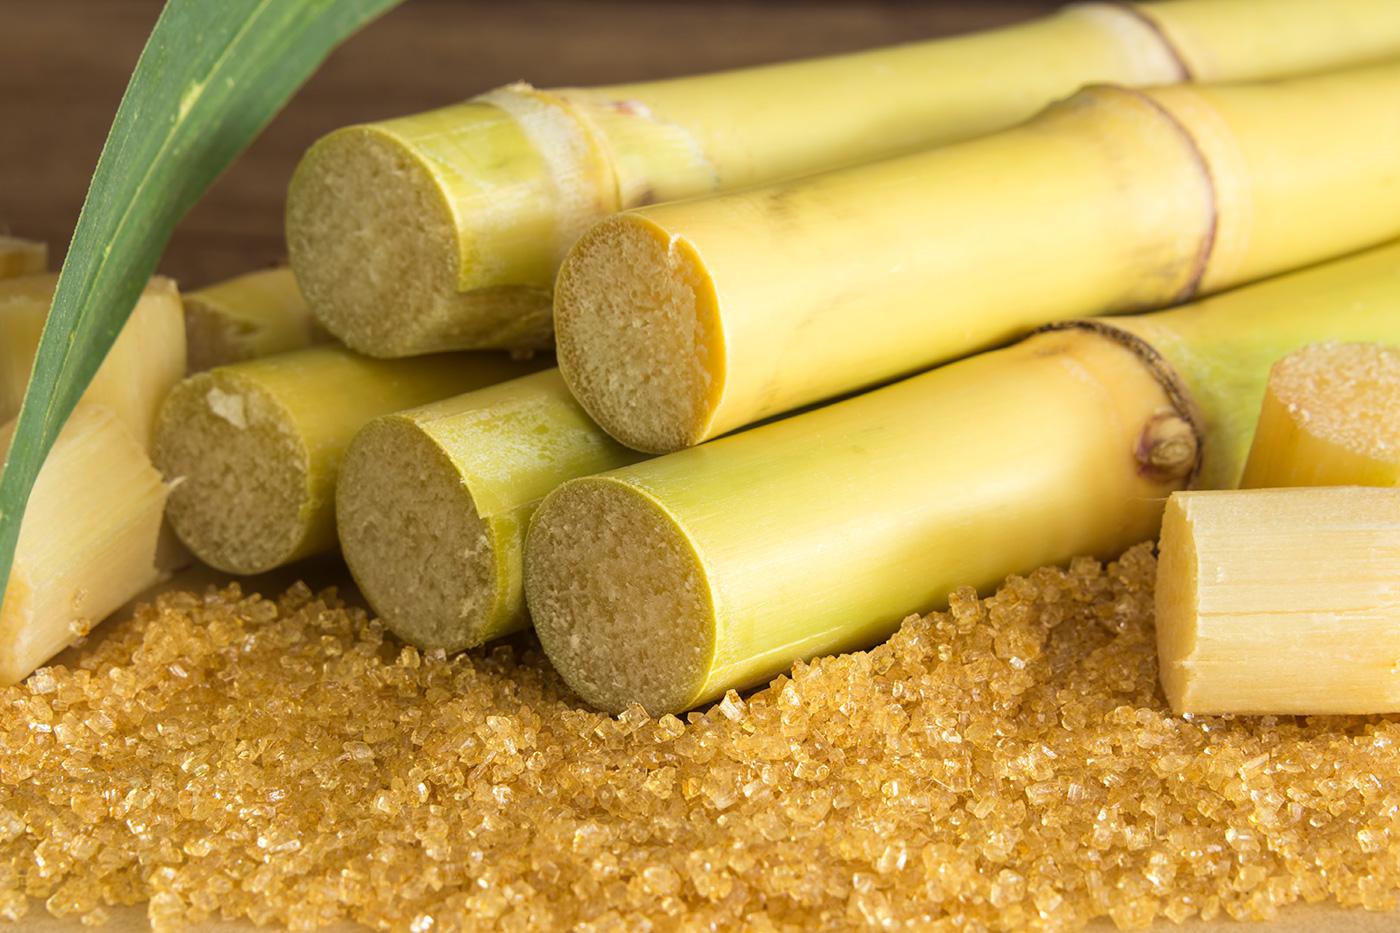 비정제 사탕수수 파라과이 설탕 유기농 원당(500g/1kg/5kg)/공정무역 유기농 비정제 설탕/사탕수수100% 화학처리NO/친환경 재배 상세이미지3